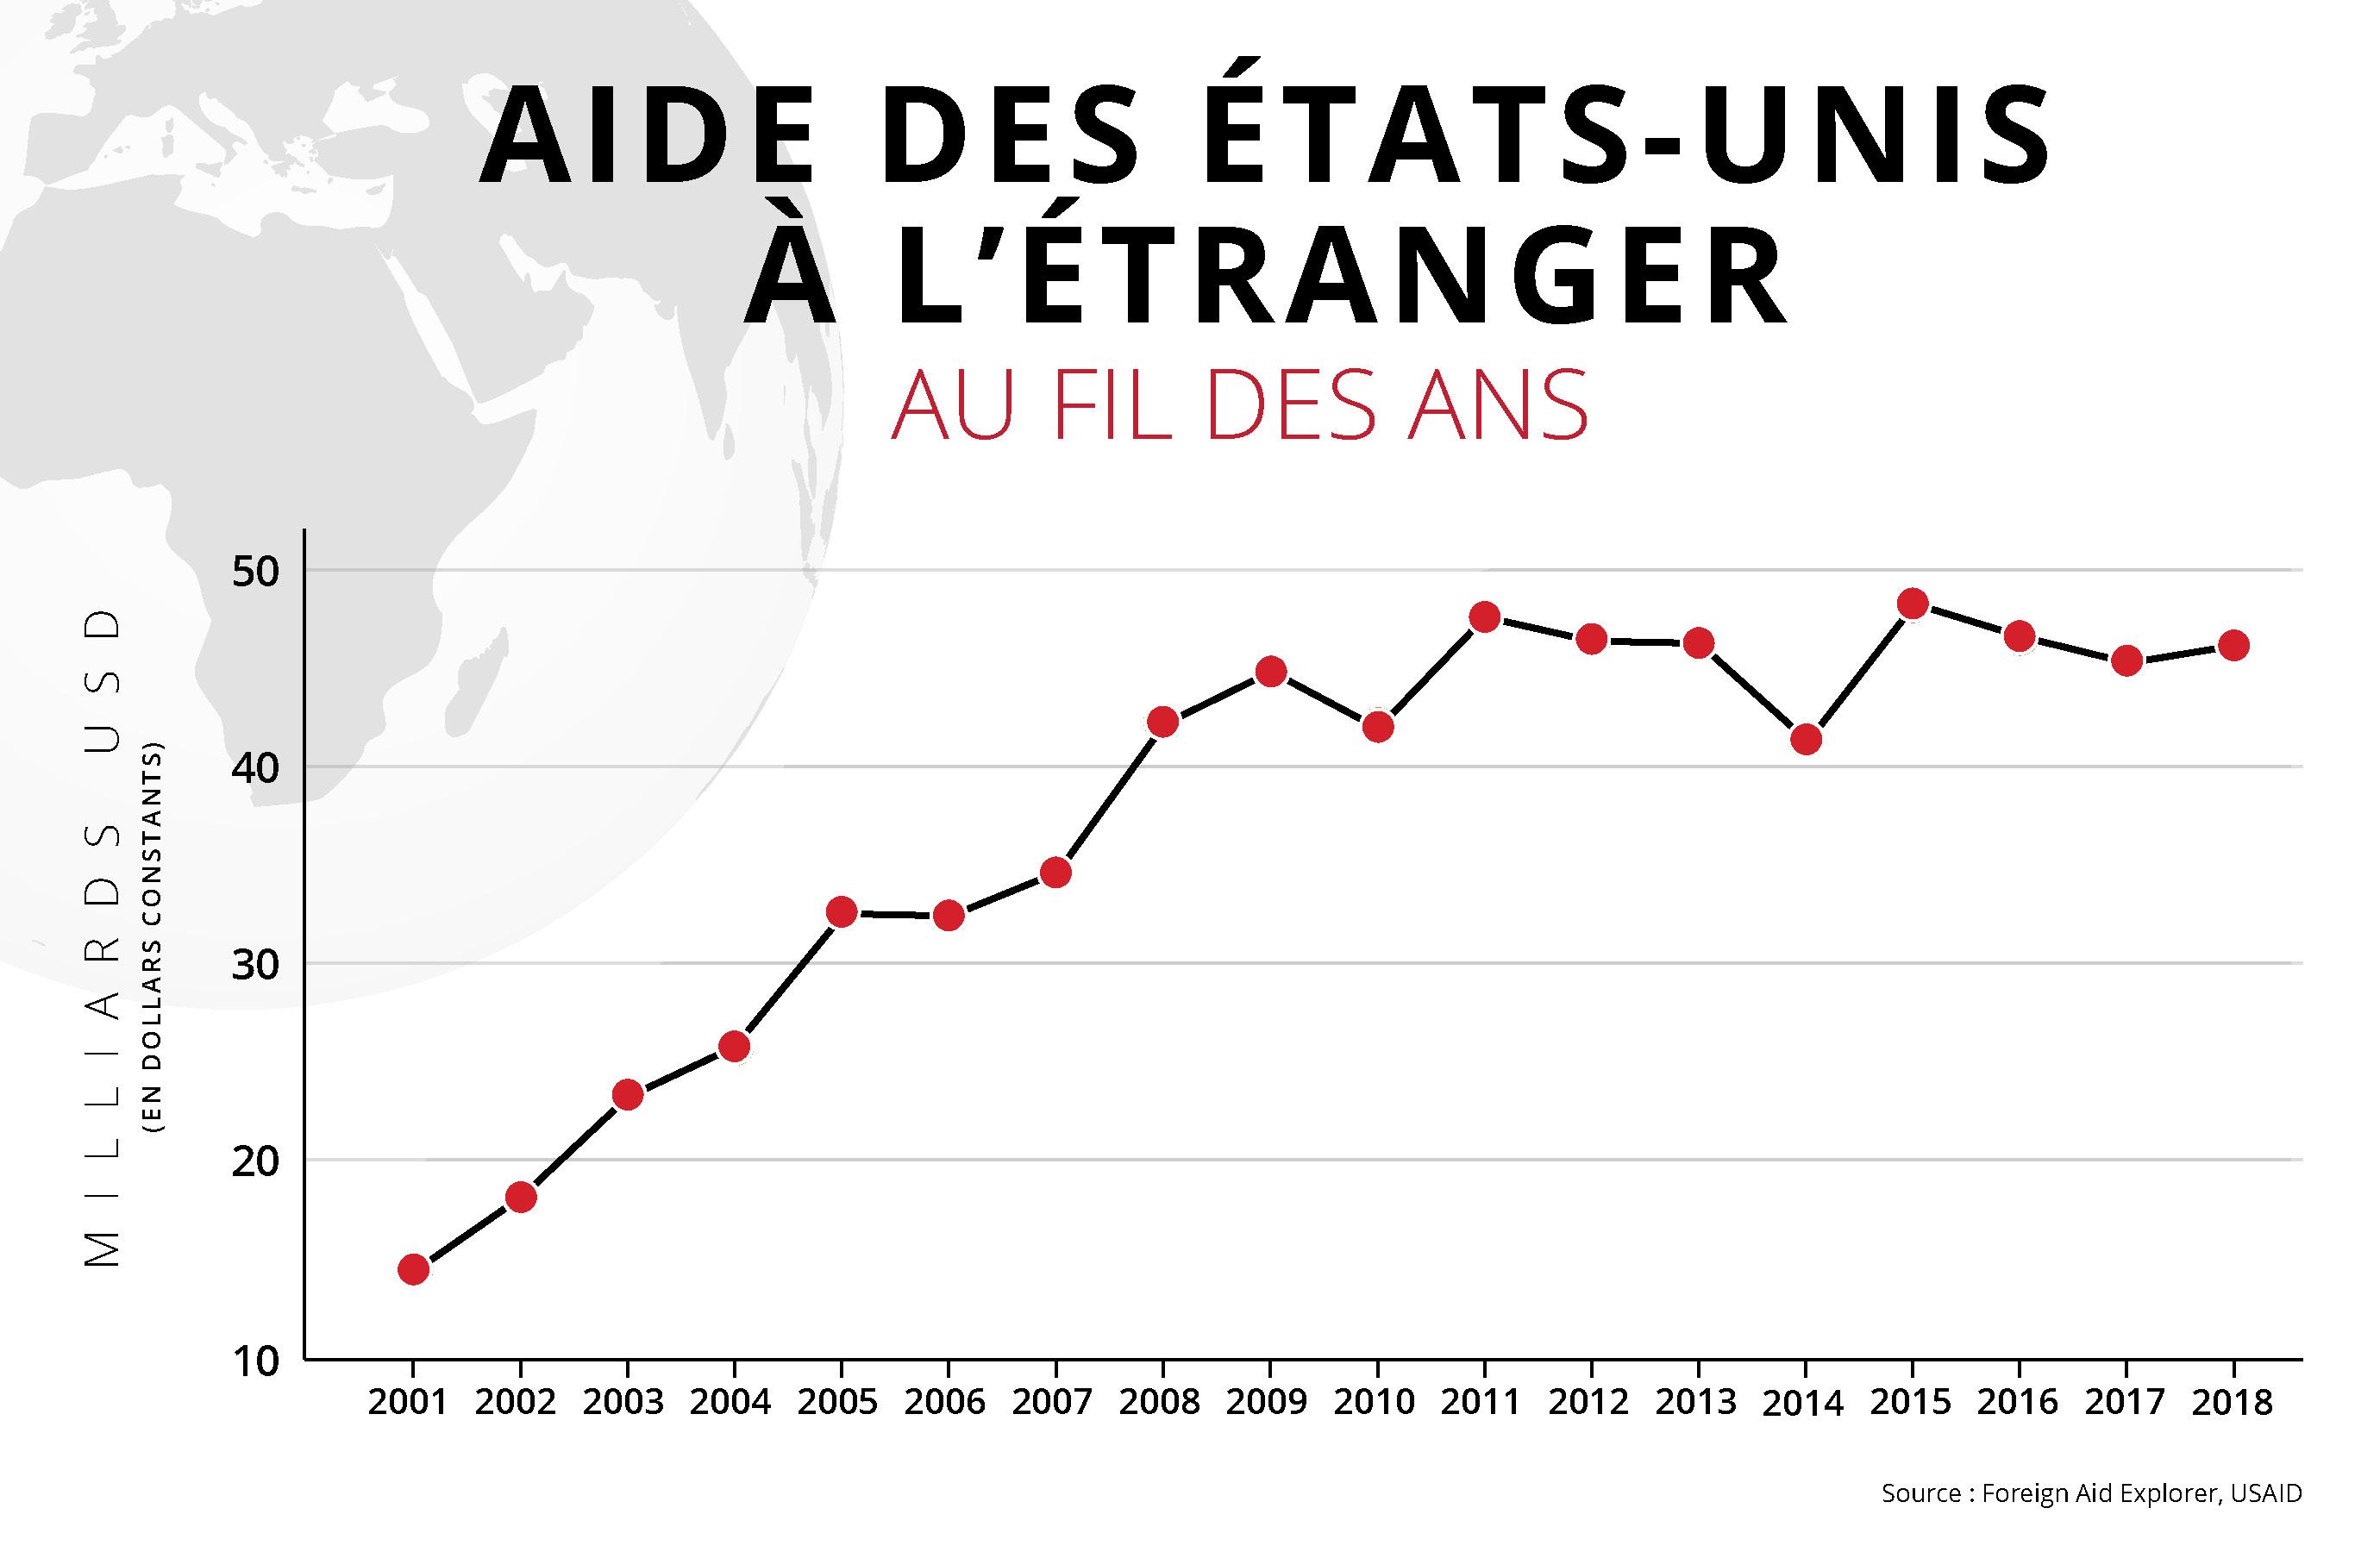 Graphique linéaire indiquant les montants d'aide à l'étranger accordés par les États-Unis au cours des années budgétaires 2001 à 2018 (Département d'État, Helen Efrem)